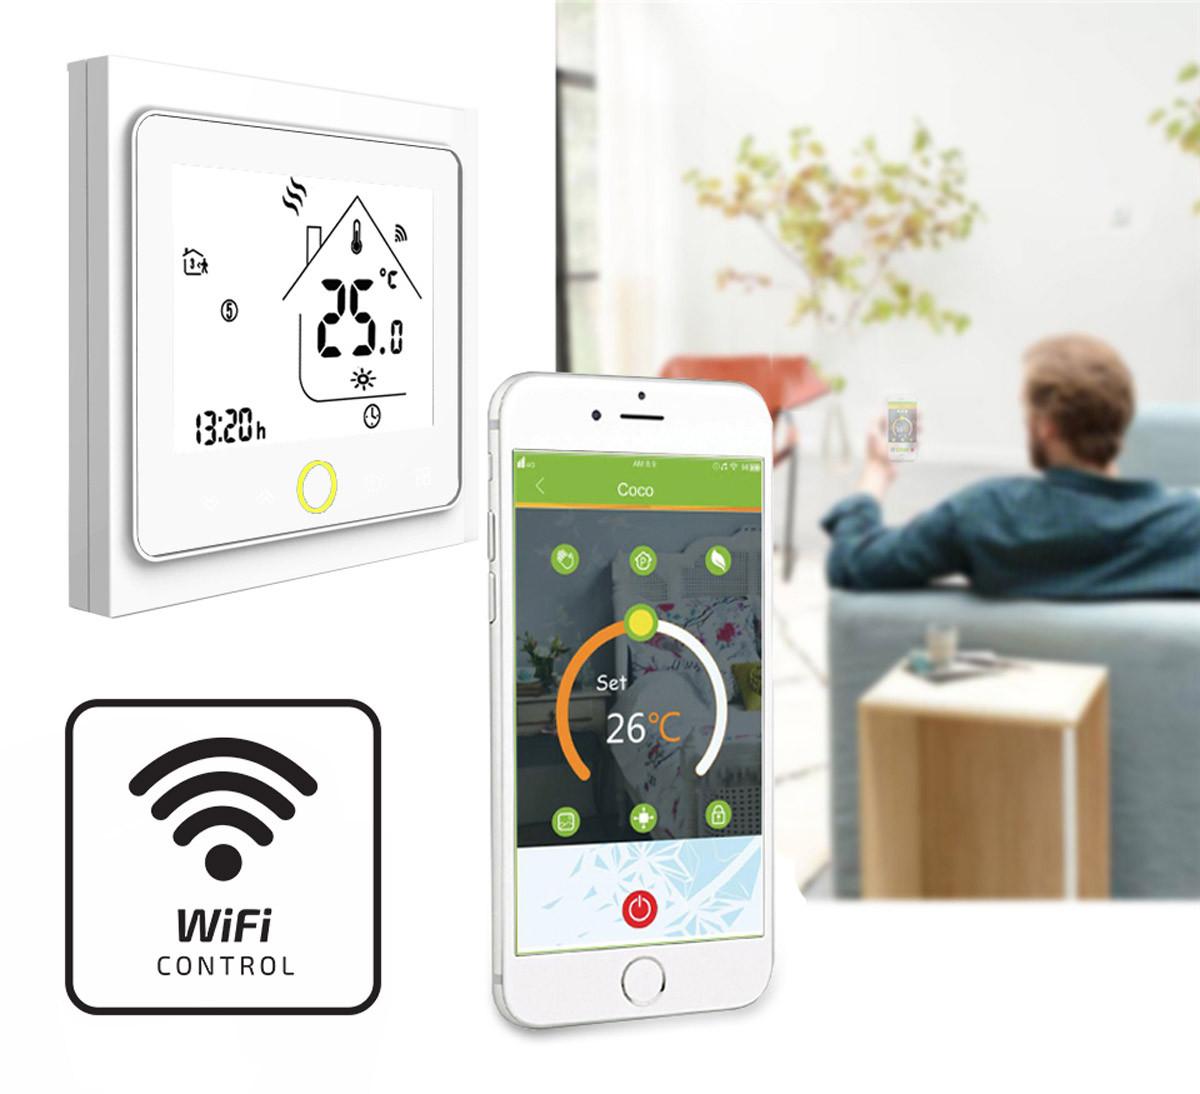 Termostat pokojowy elektroniczny BHT-002 i znaczek Wi-Fi